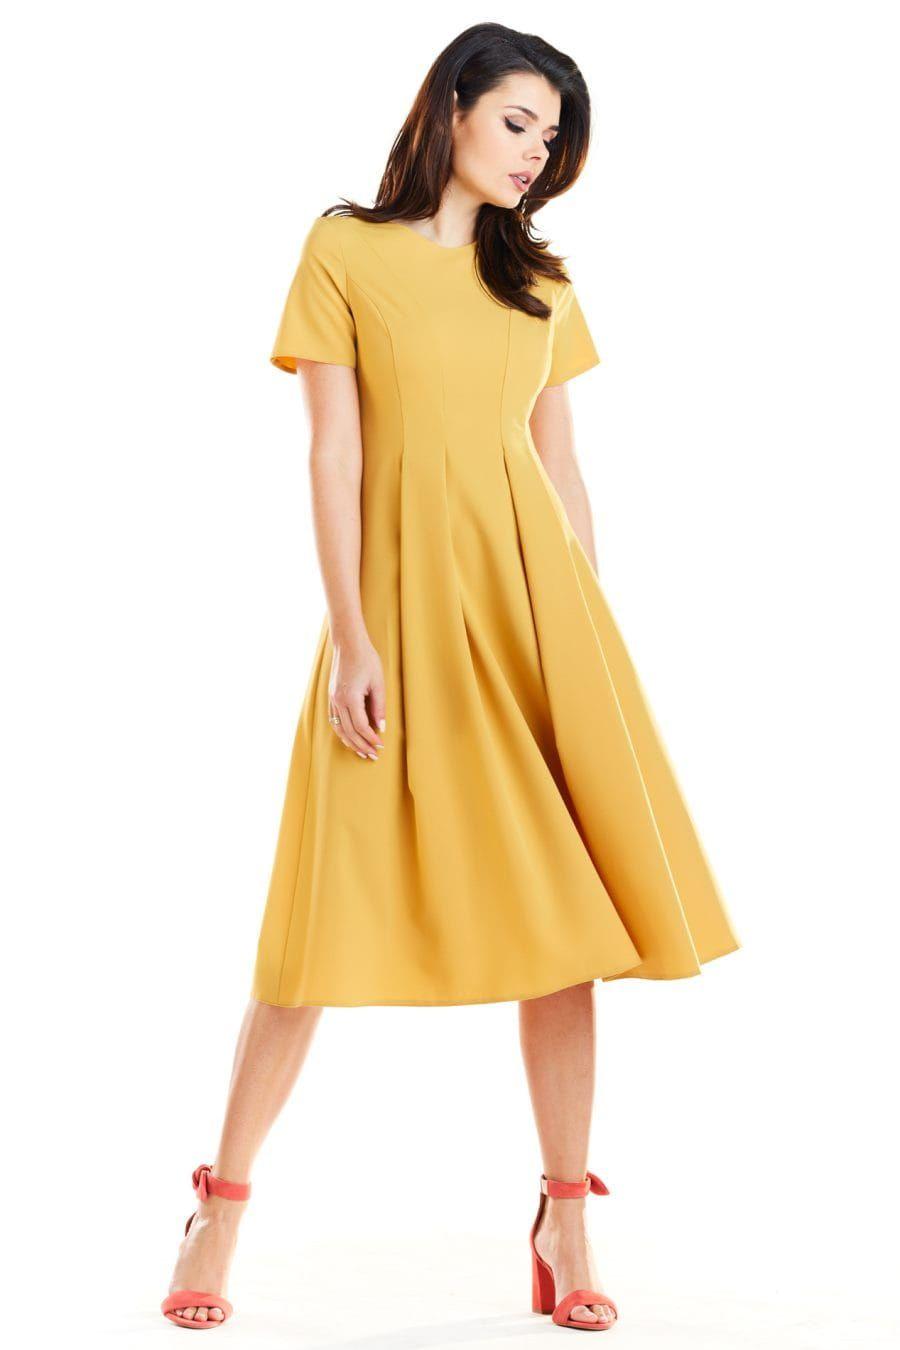 d875c15ff2 Elegancka Sukienka Midi Żółta AW253 w 2019